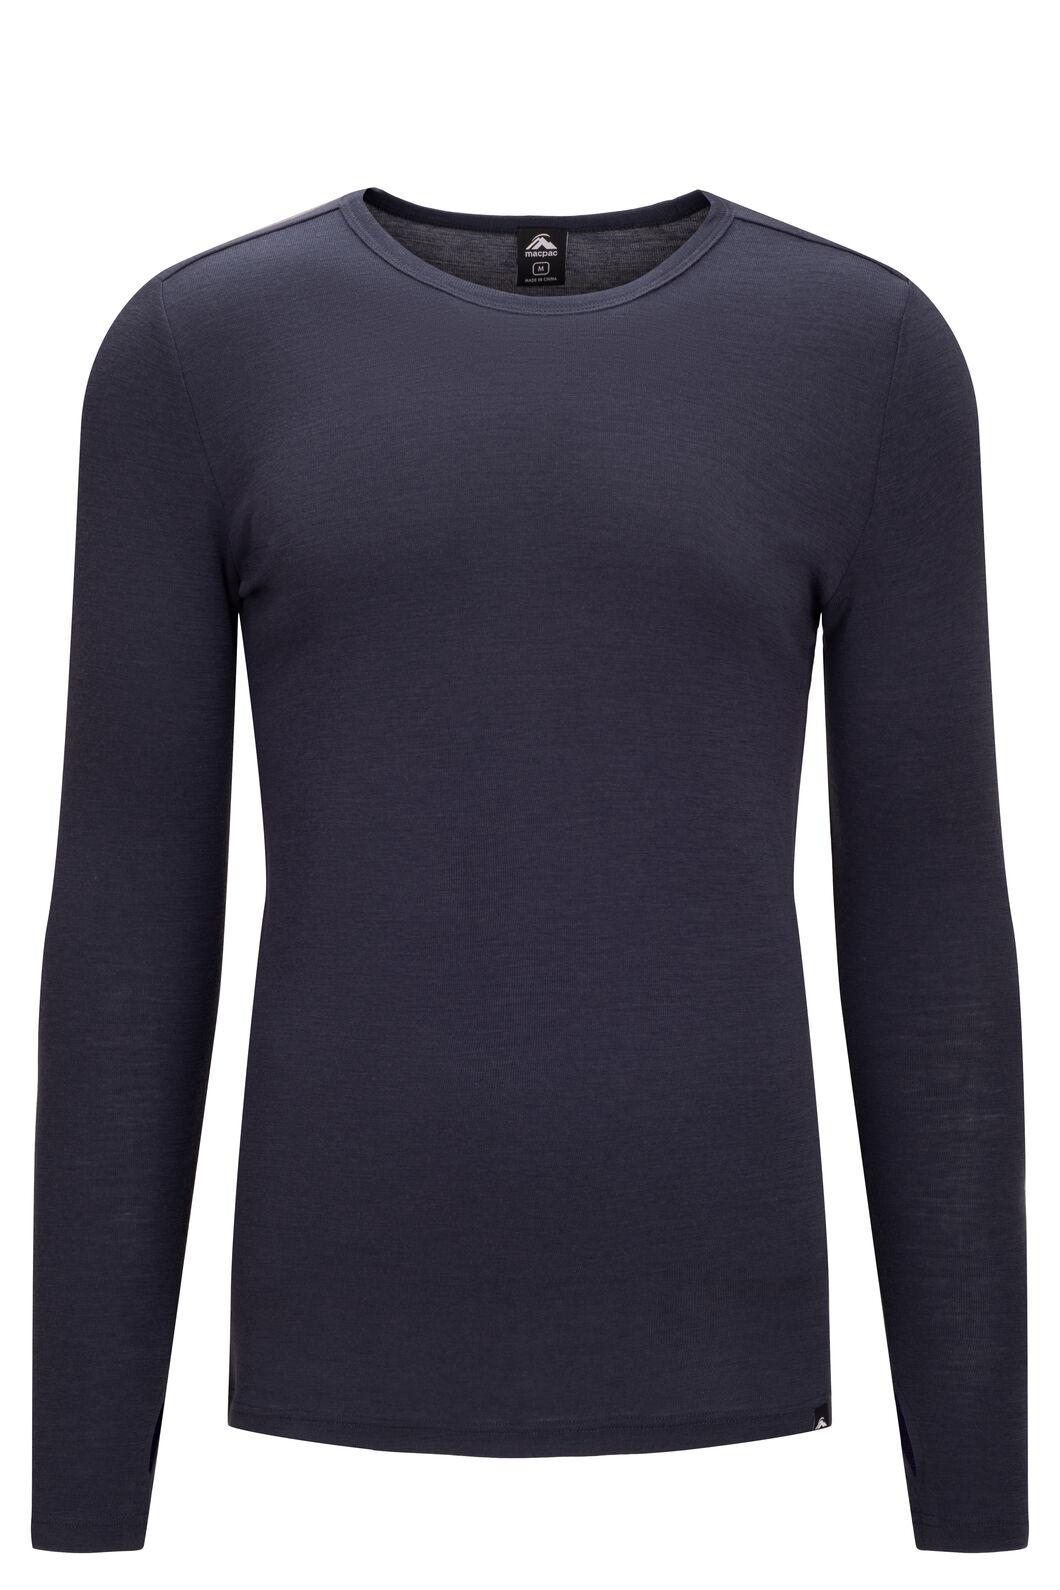 Macpac Men's 220 Merino Long Sleeve Top, BLUE NIGHTS, hi-res